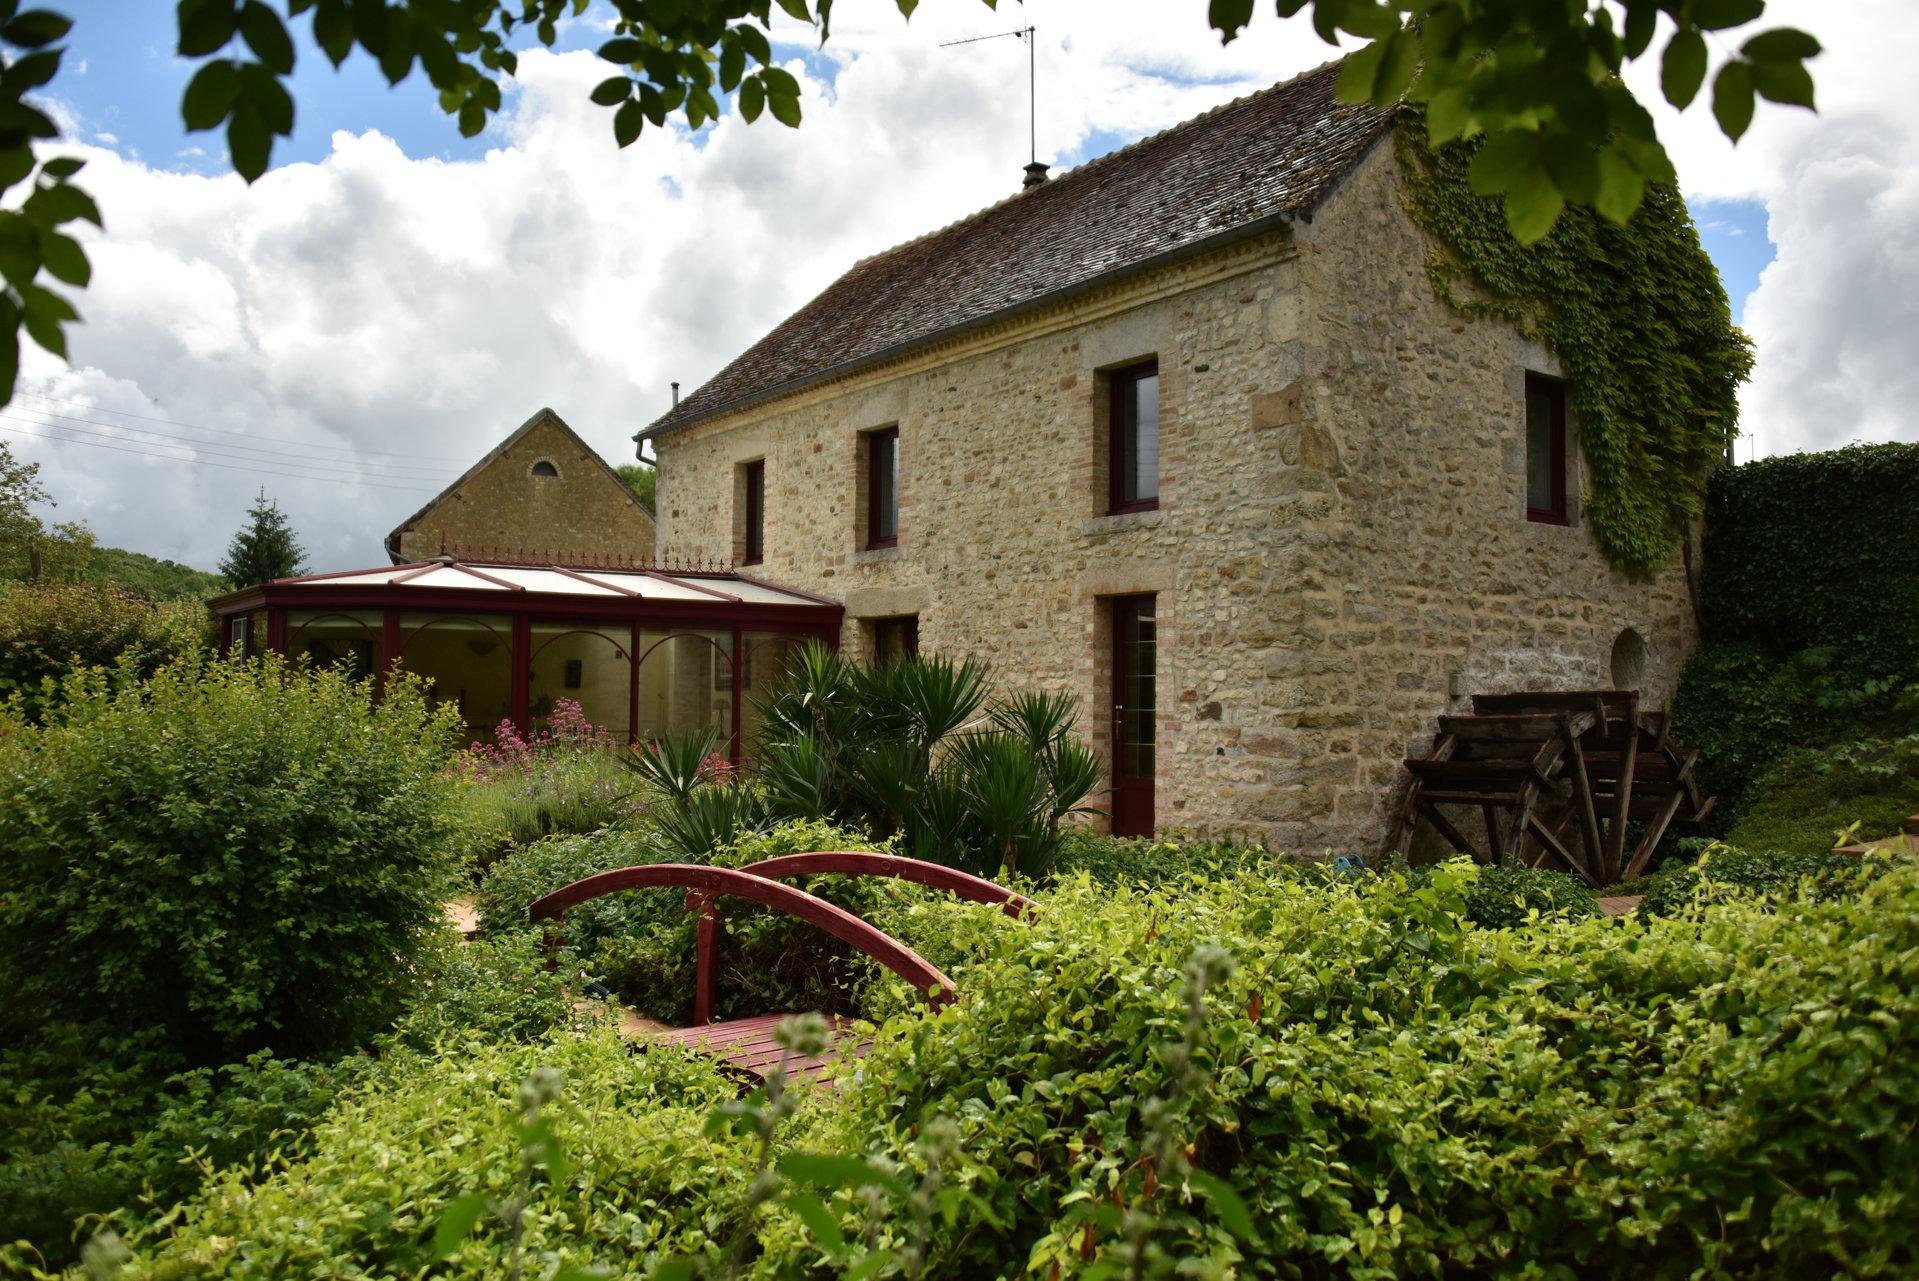 Ancien moulin restauré à quelques minutes d'Alençon